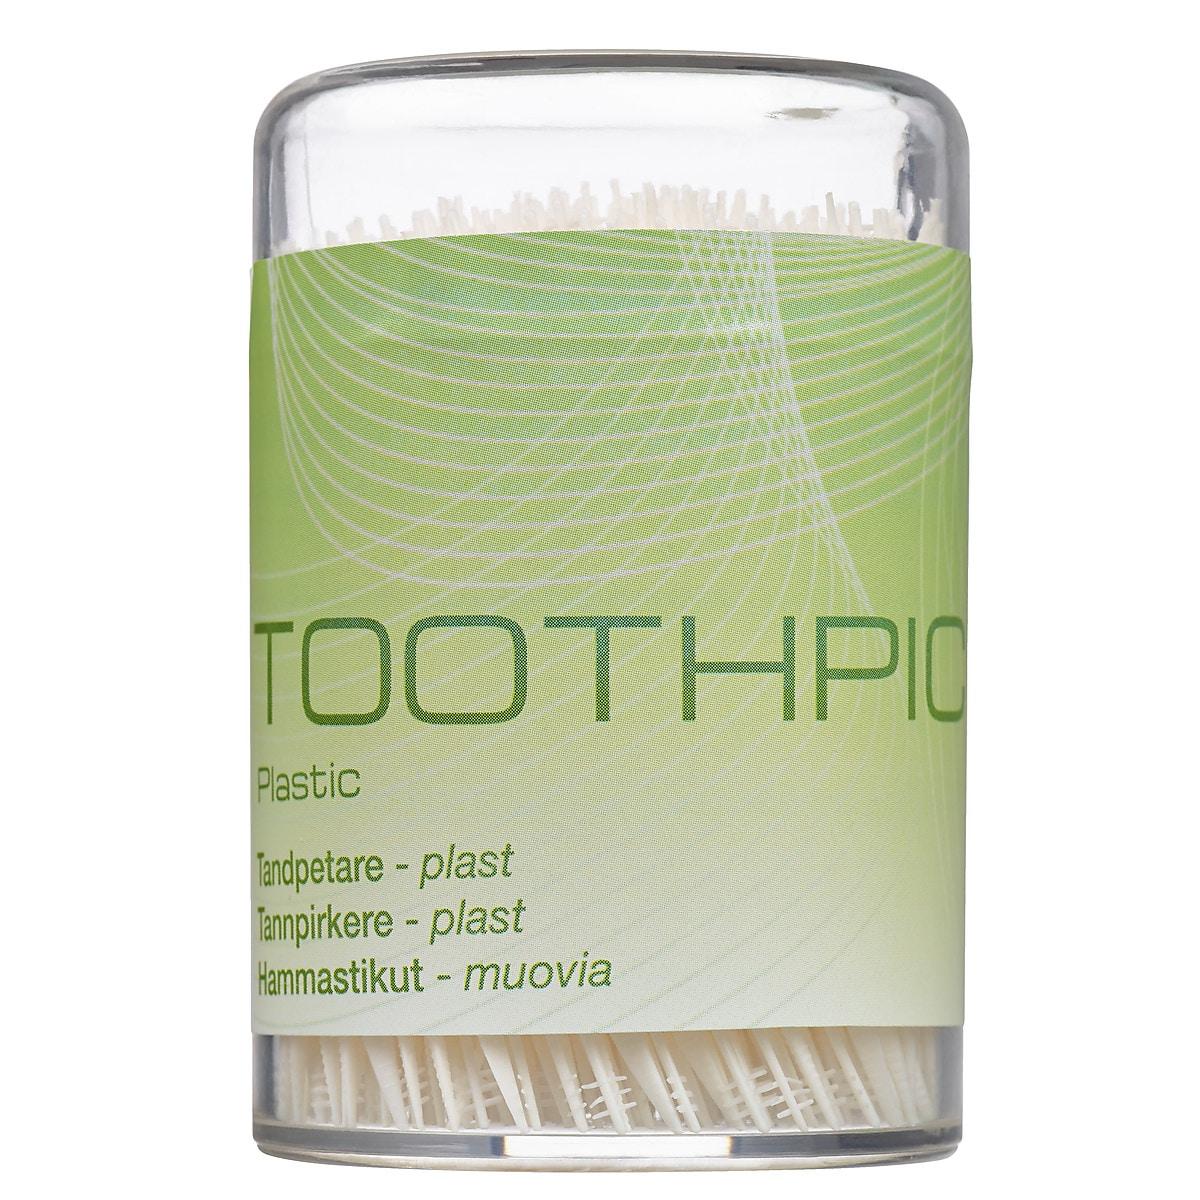 Tandpetare i plast 300-pack